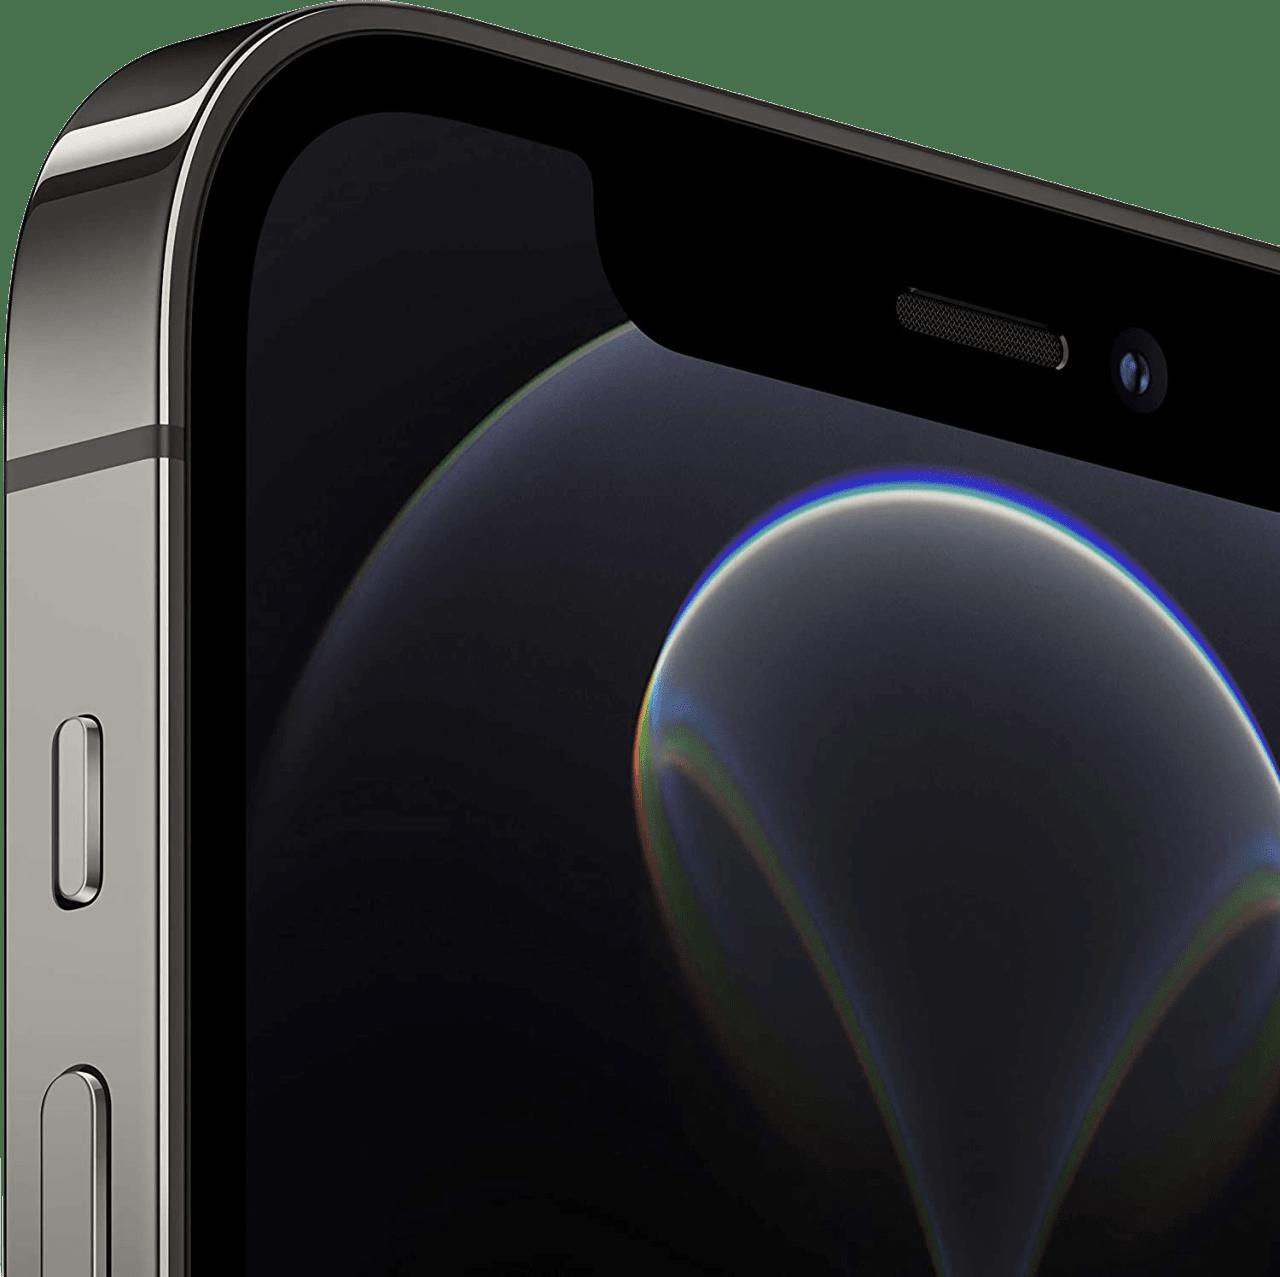 Graphite Apple iPhone 12 Pro Max - 256GB - Dual Sim.3